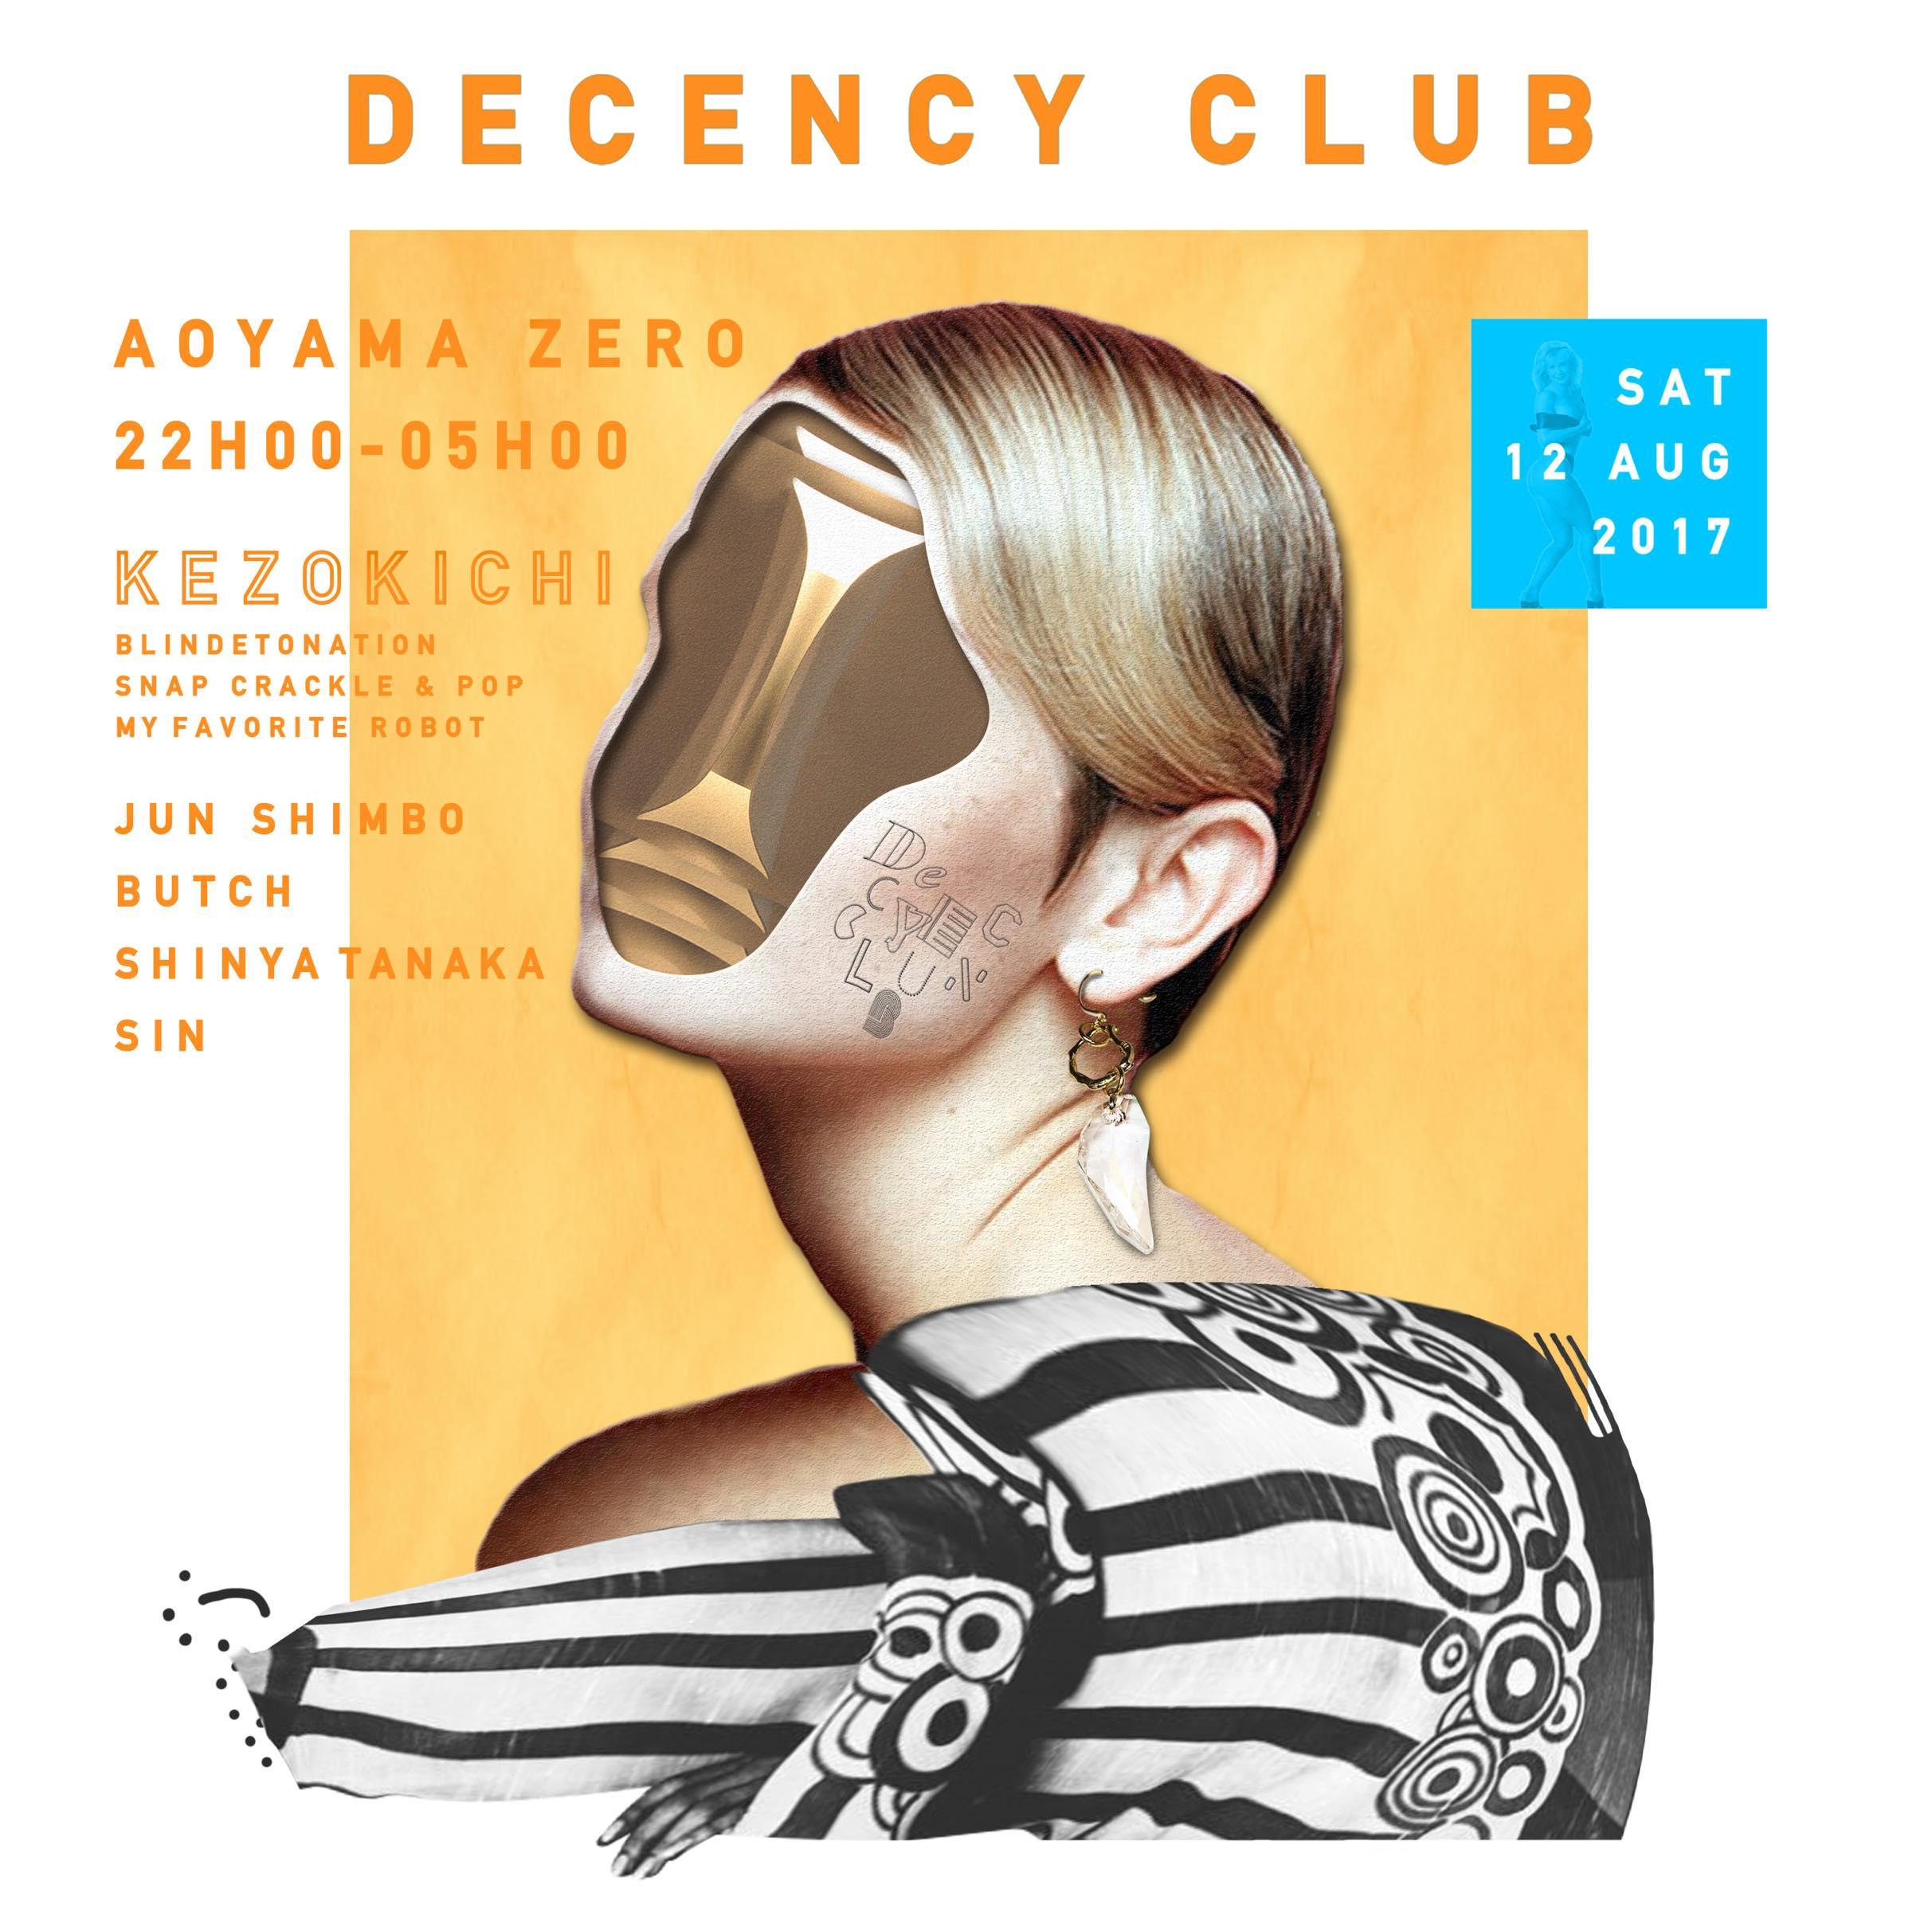 Decency Club